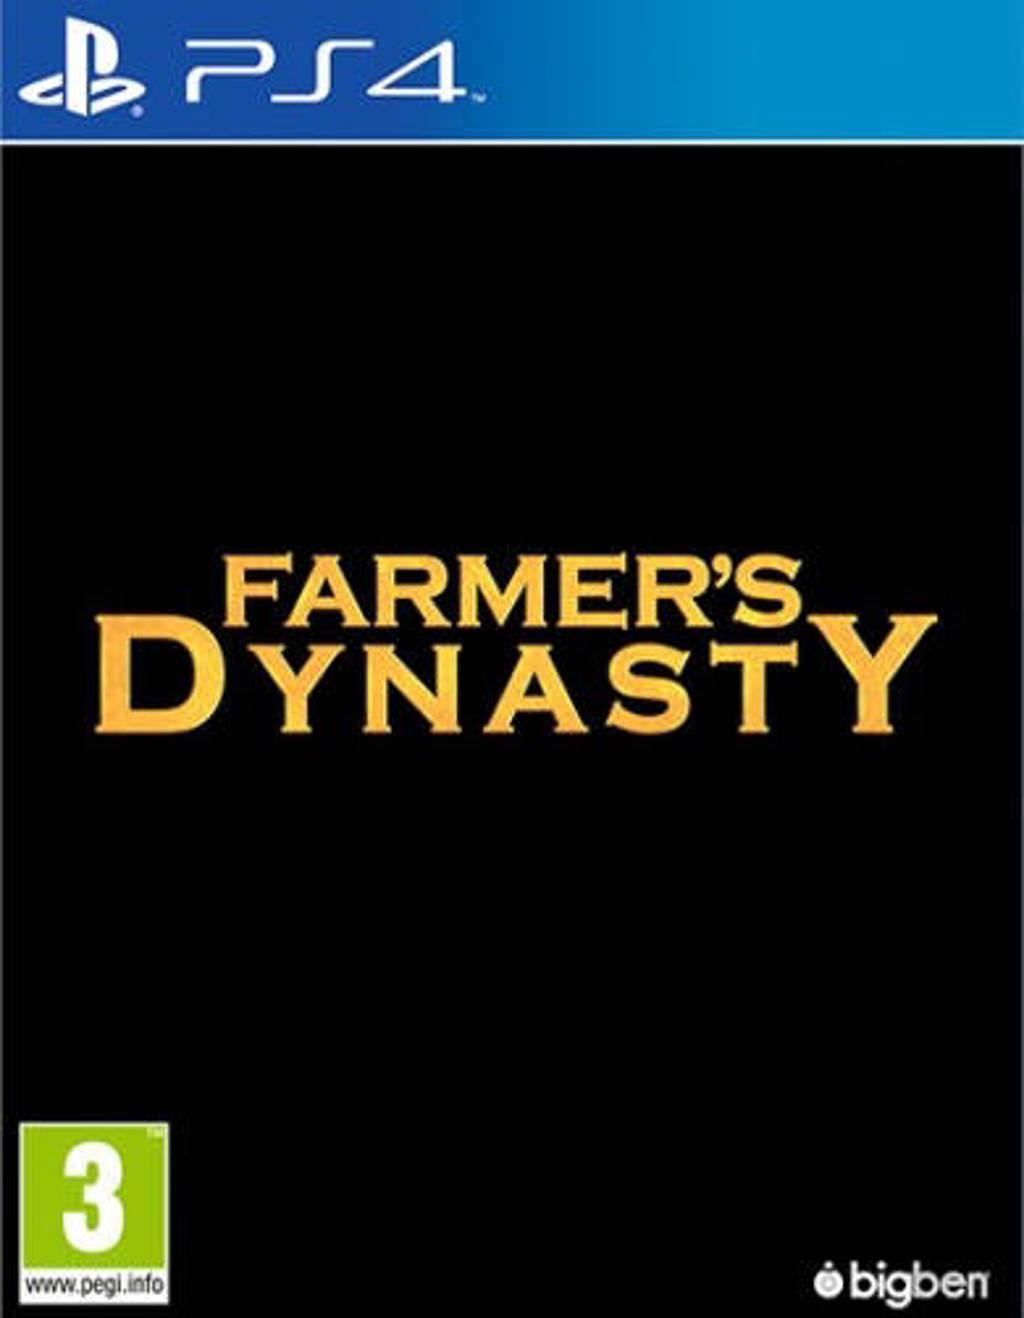 Farmer's dynasty (PlayStation 4)